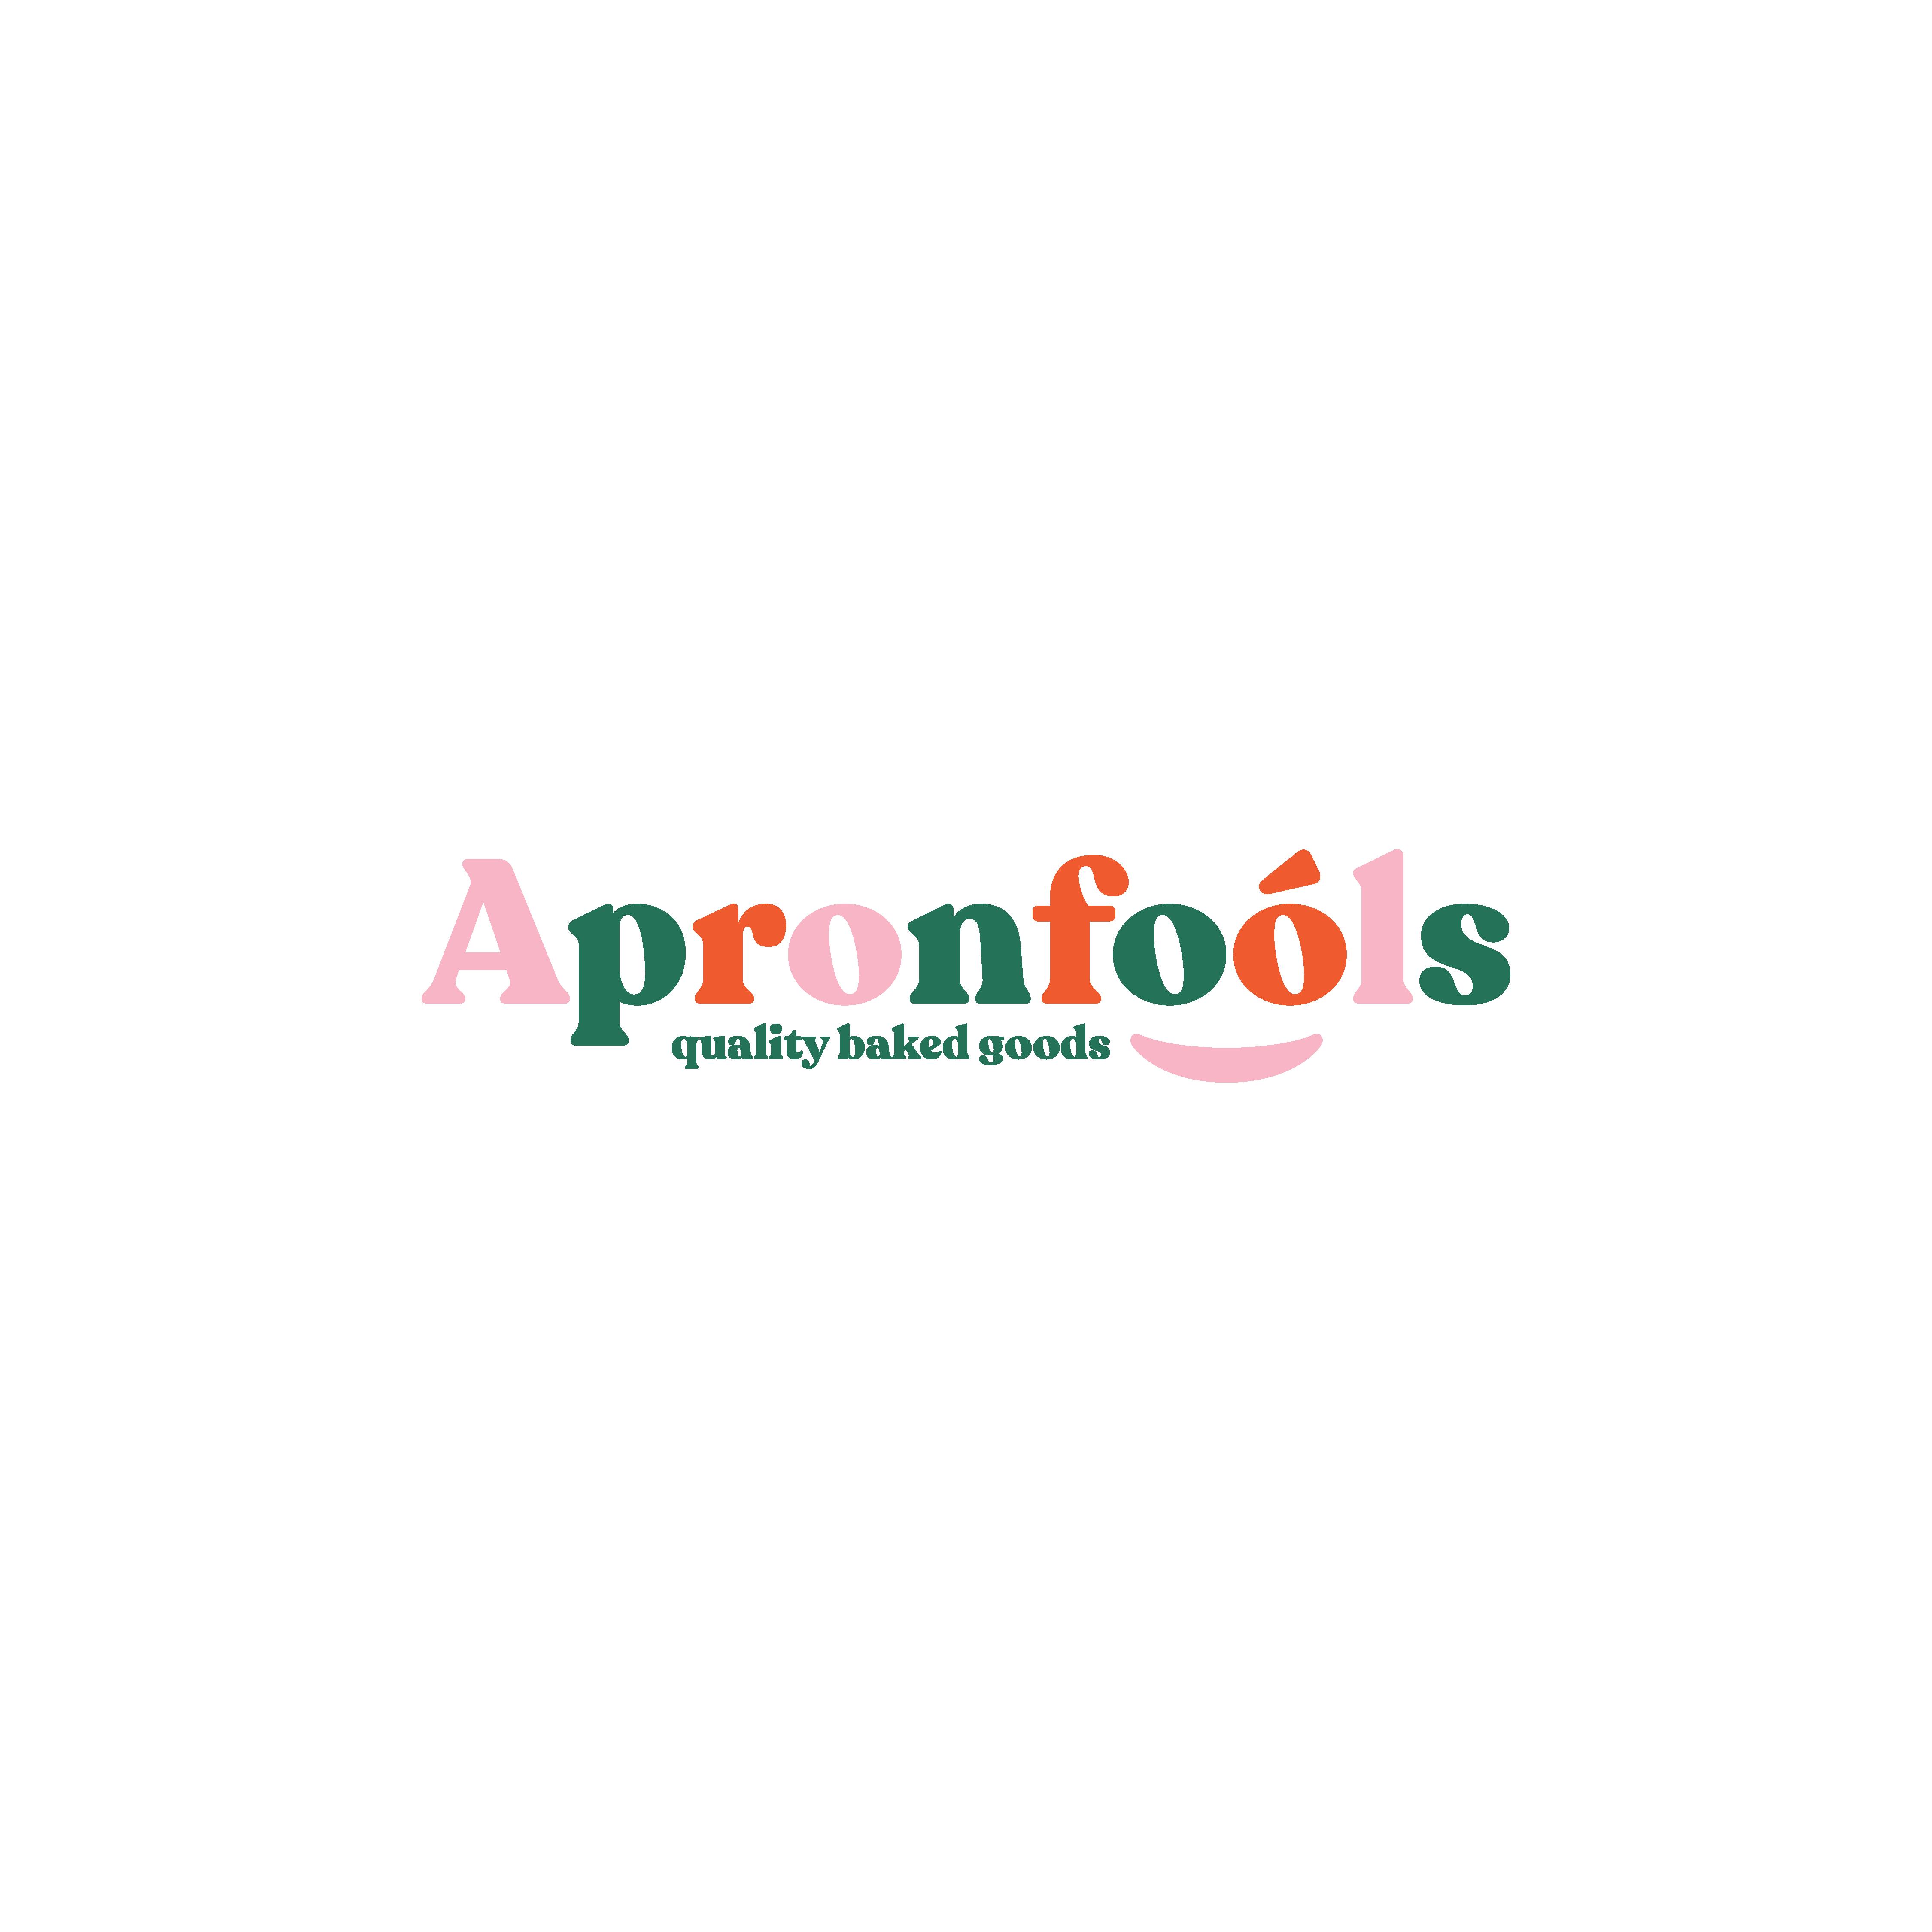 Apronfools